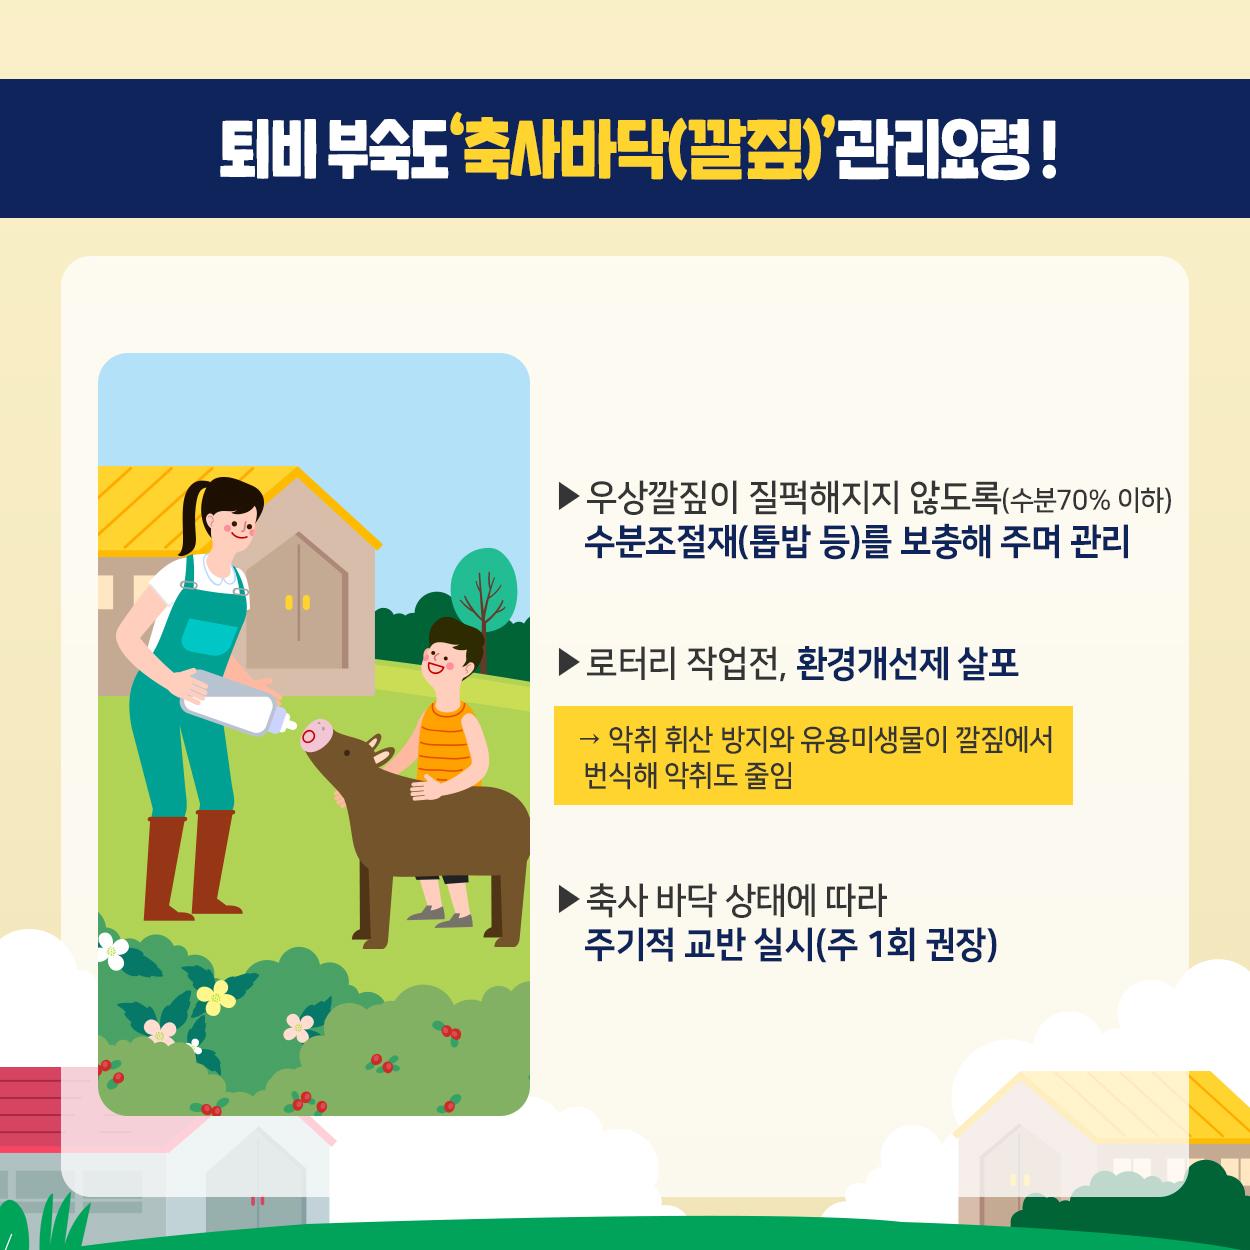 농식품부_카드뉴스_퇴비4_200102.jpg